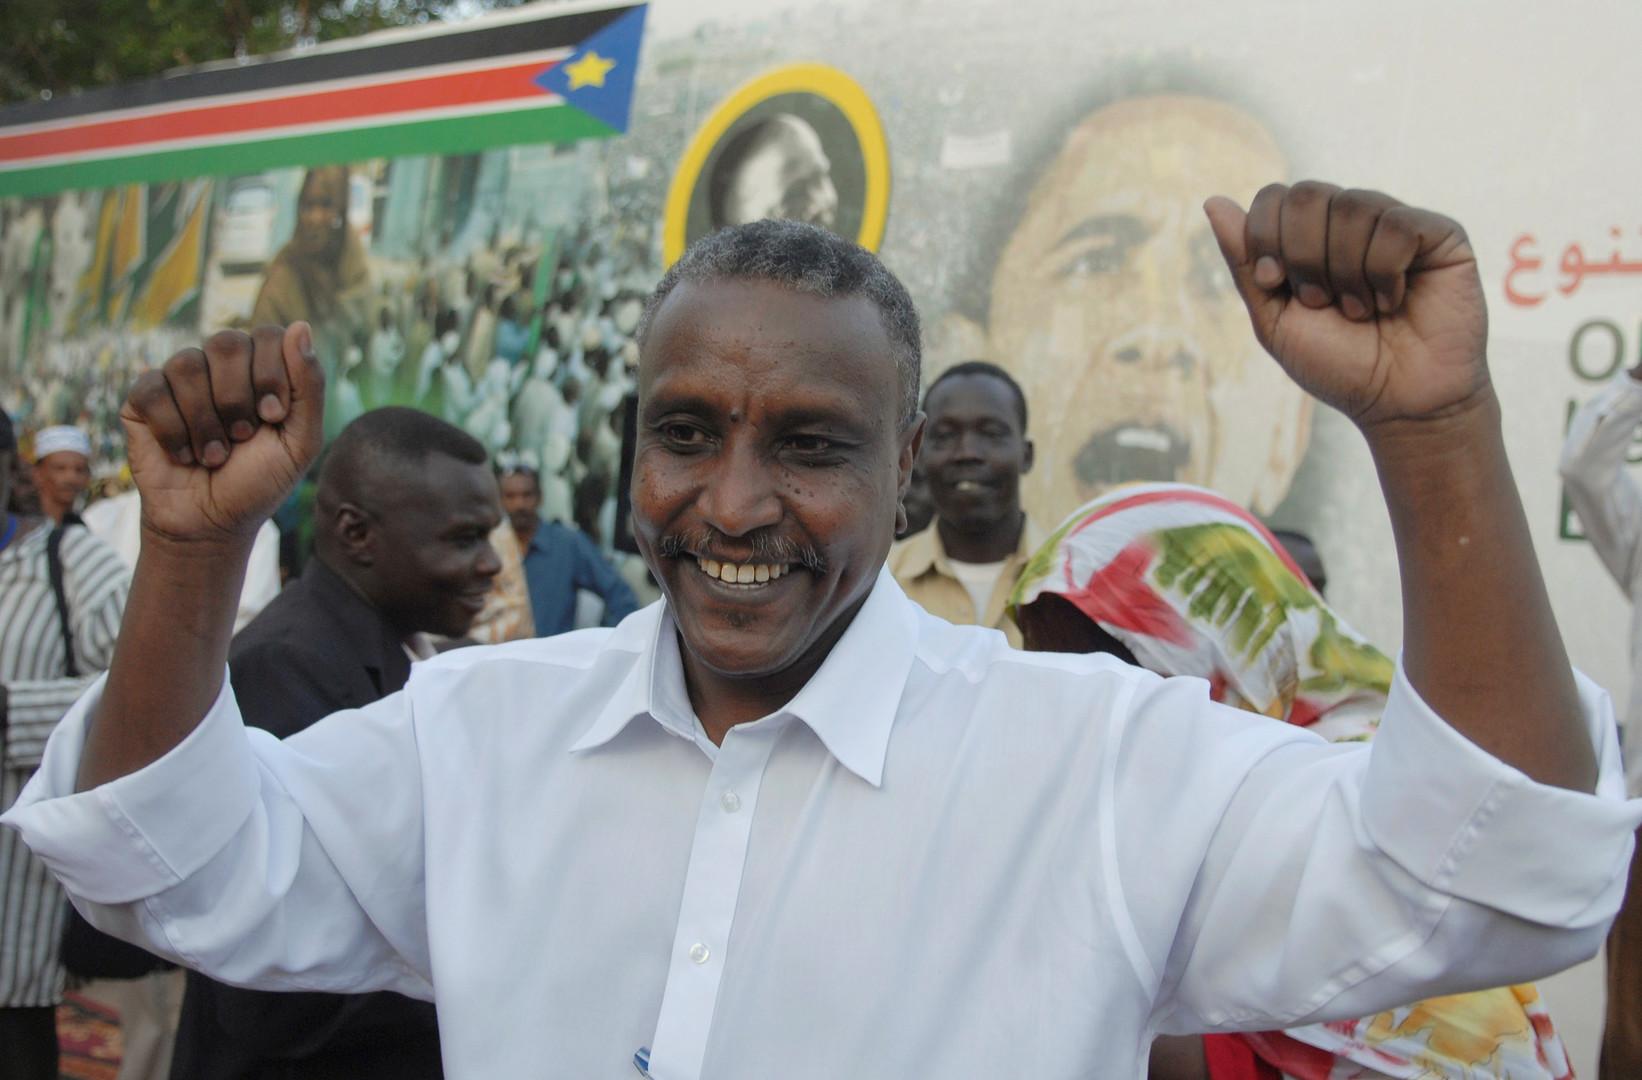 السودان.. المجلس العسكري الانتقالي يبعد قادة